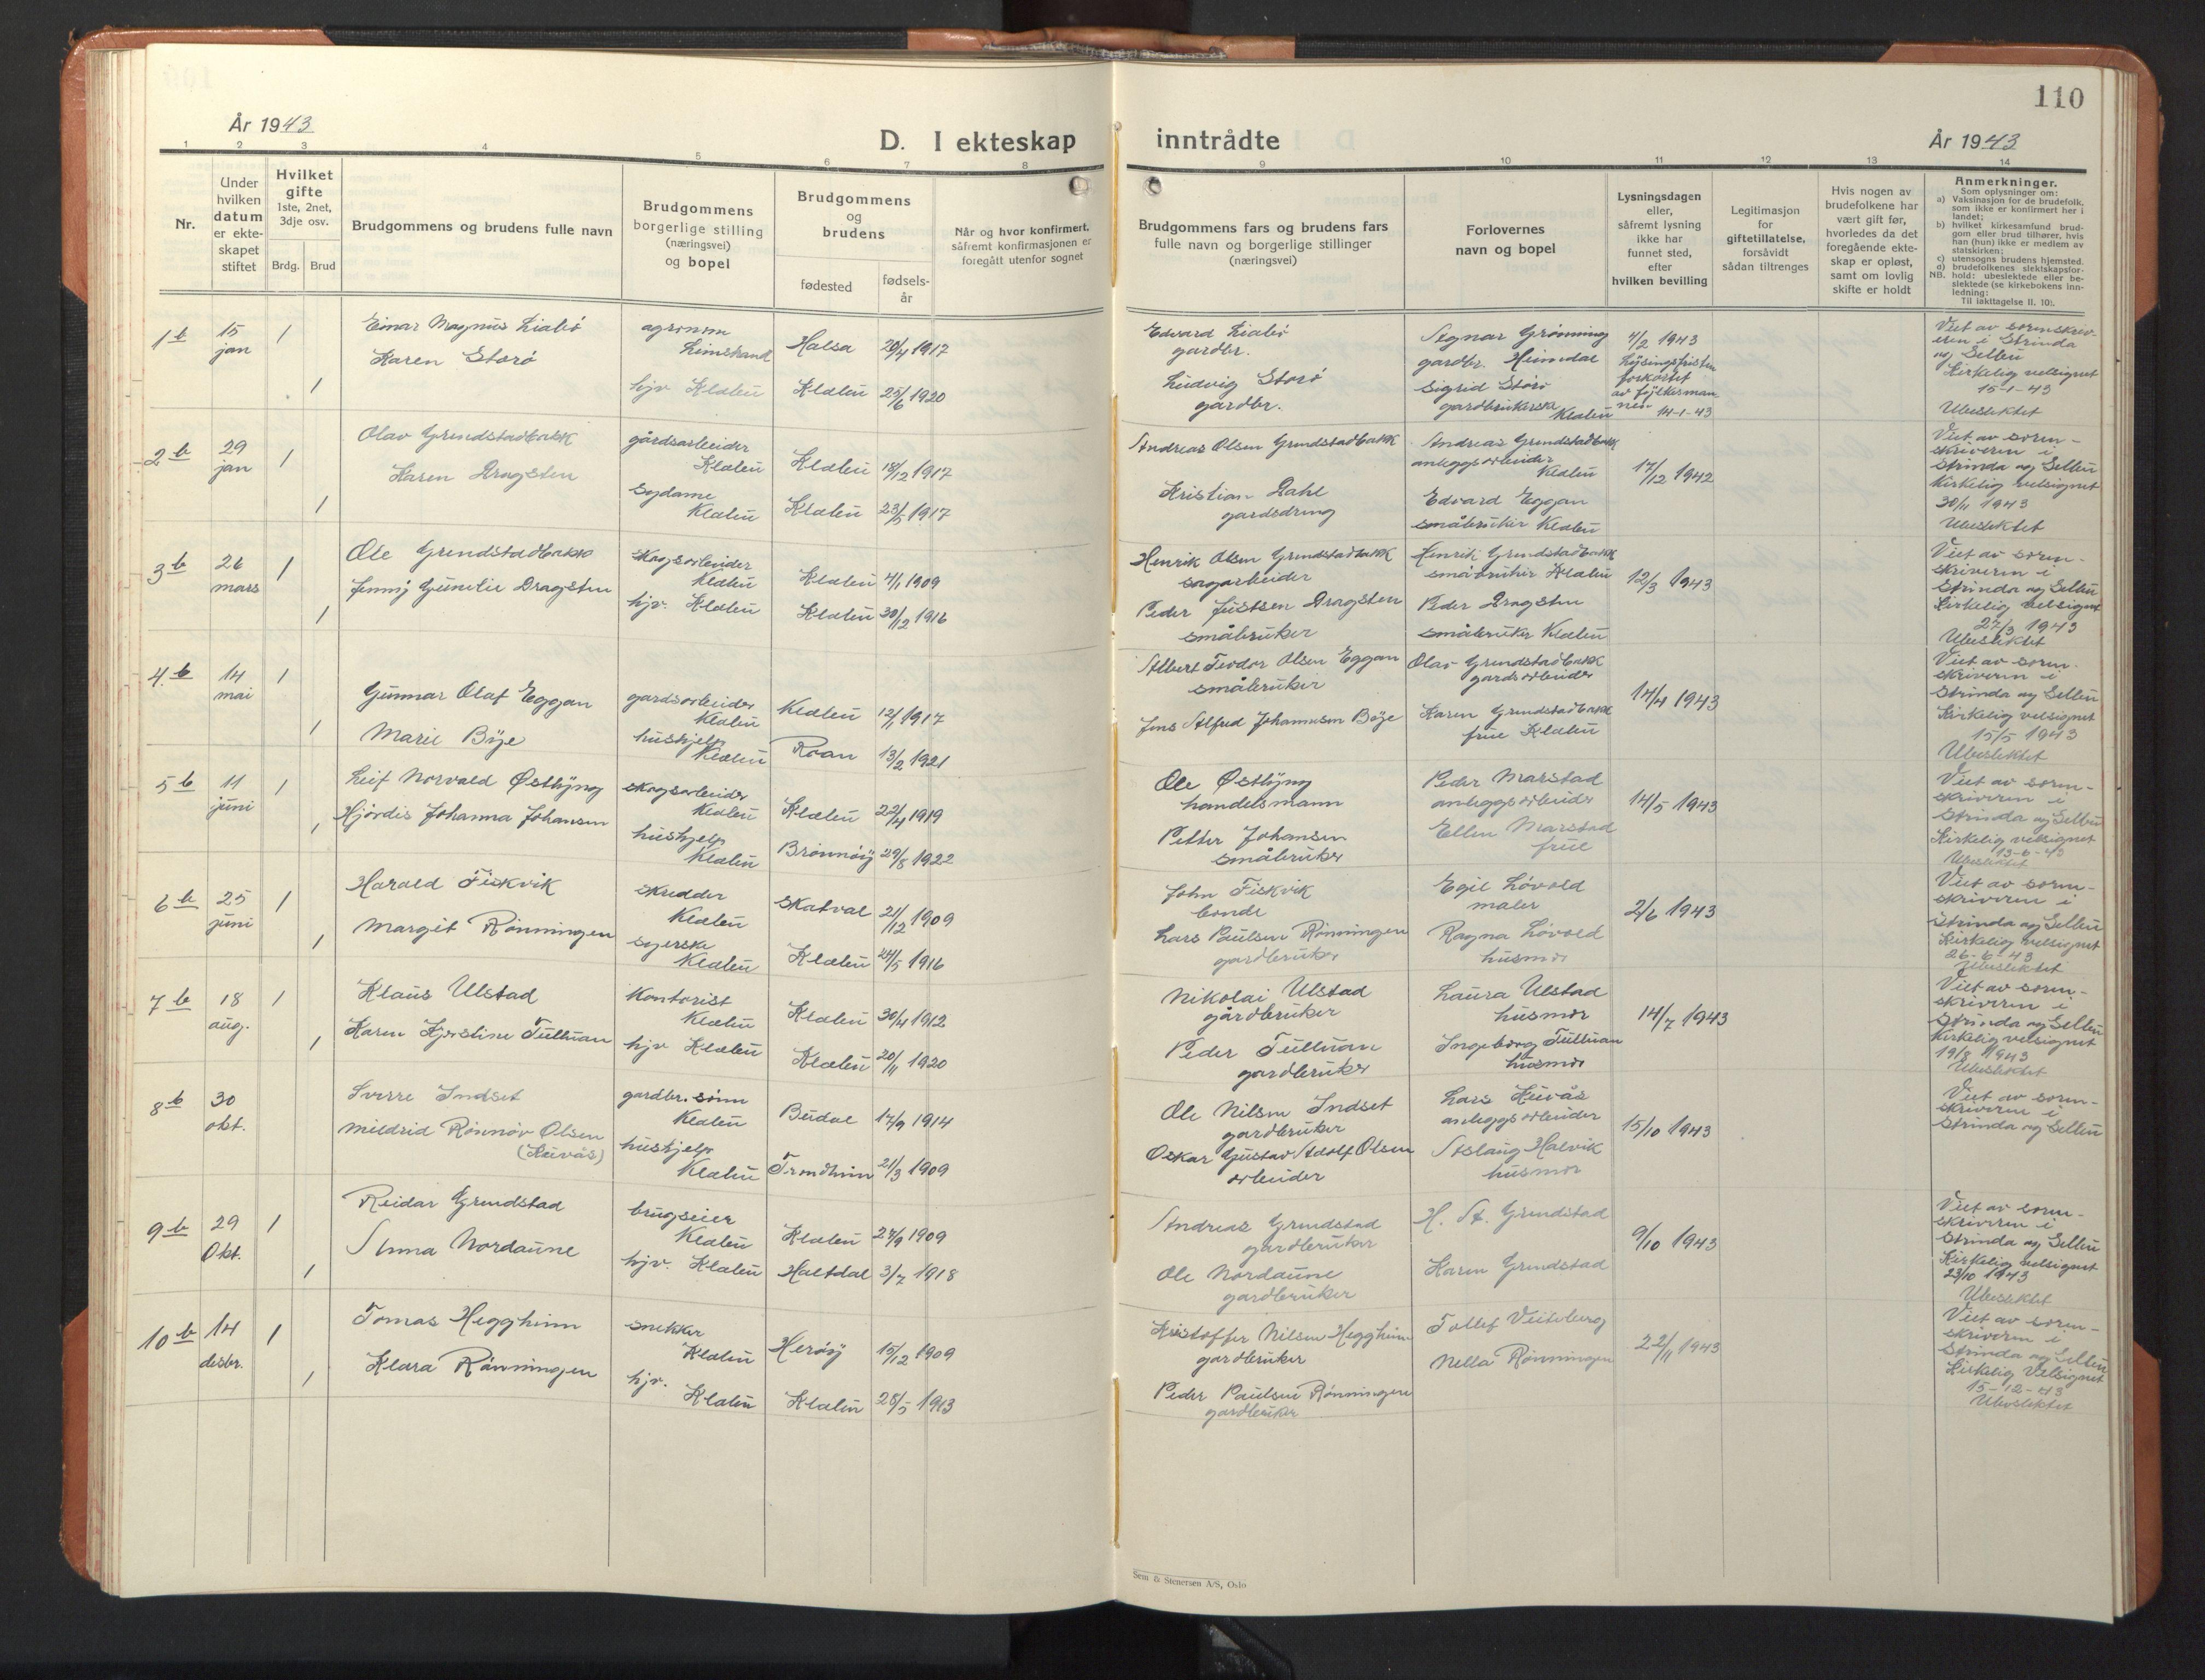 SAT, Ministerialprotokoller, klokkerbøker og fødselsregistre - Sør-Trøndelag, 618/L0454: Klokkerbok nr. 618C05, 1926-1946, s. 110